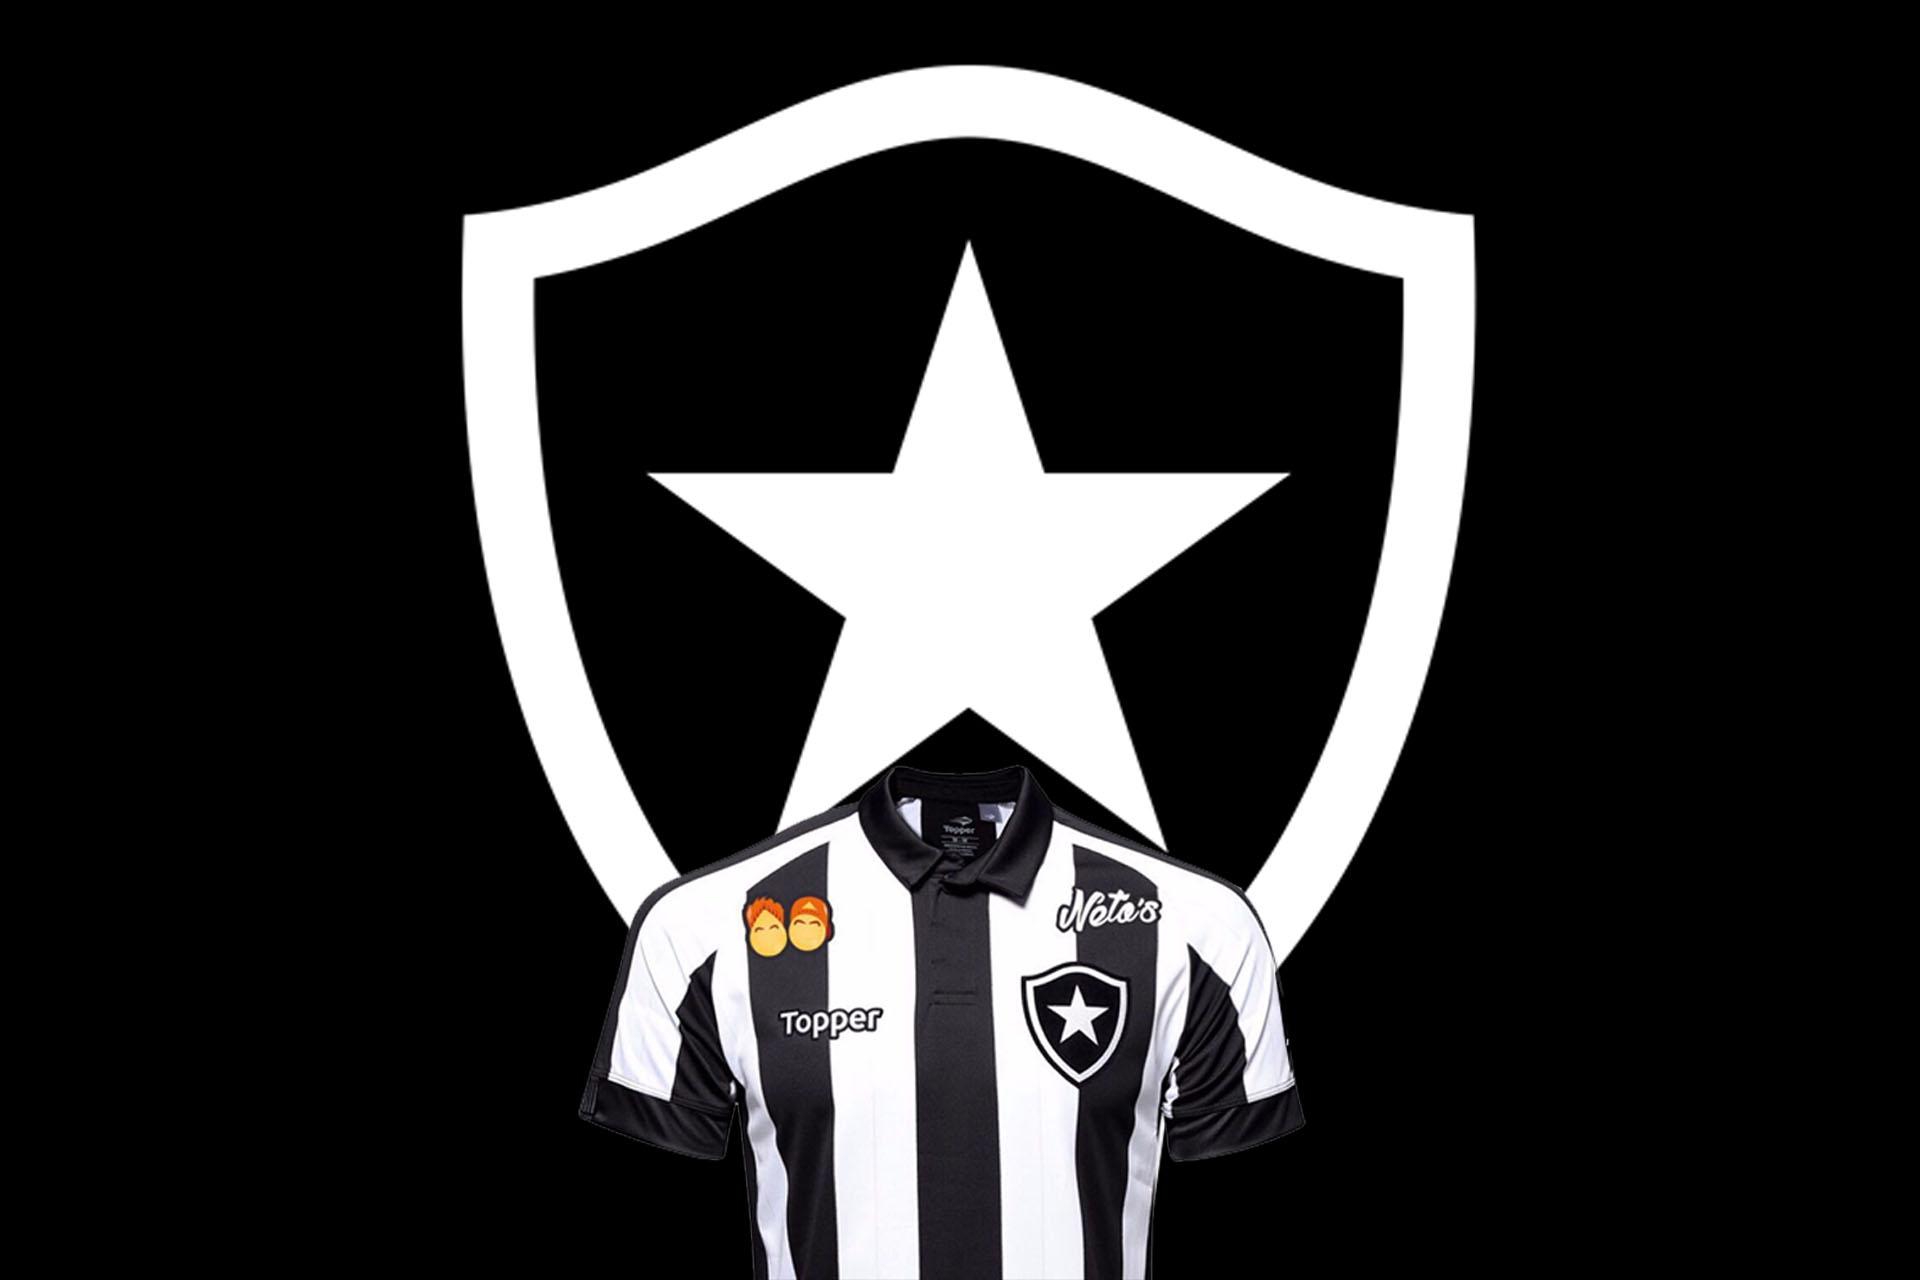 El equipo brasileño de fútbol Botafogo tendrá a un YouTuber como sponsor